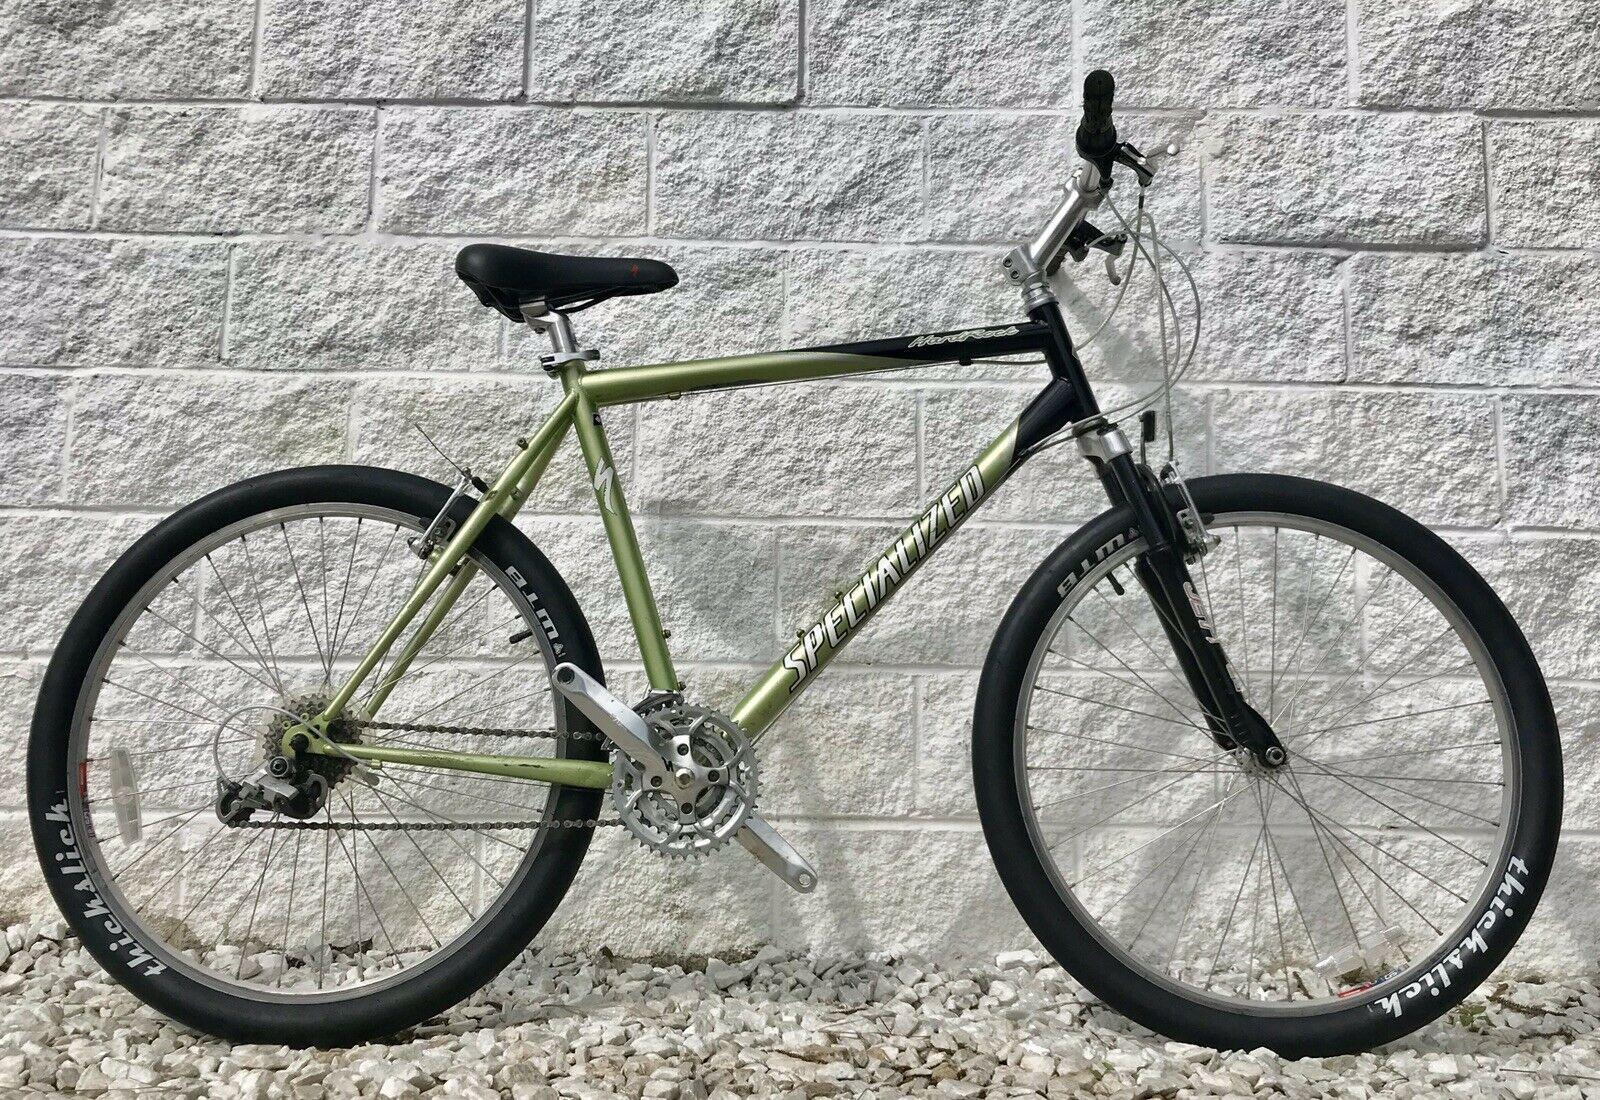 Vintage Specialized Hardrock 21 21 Speed Mountain Bike W Rockshoxgripshifters Mountain Bike Ideas Of Mountain Bike Mo Mountain Bikes For Sale Bike Bicycle